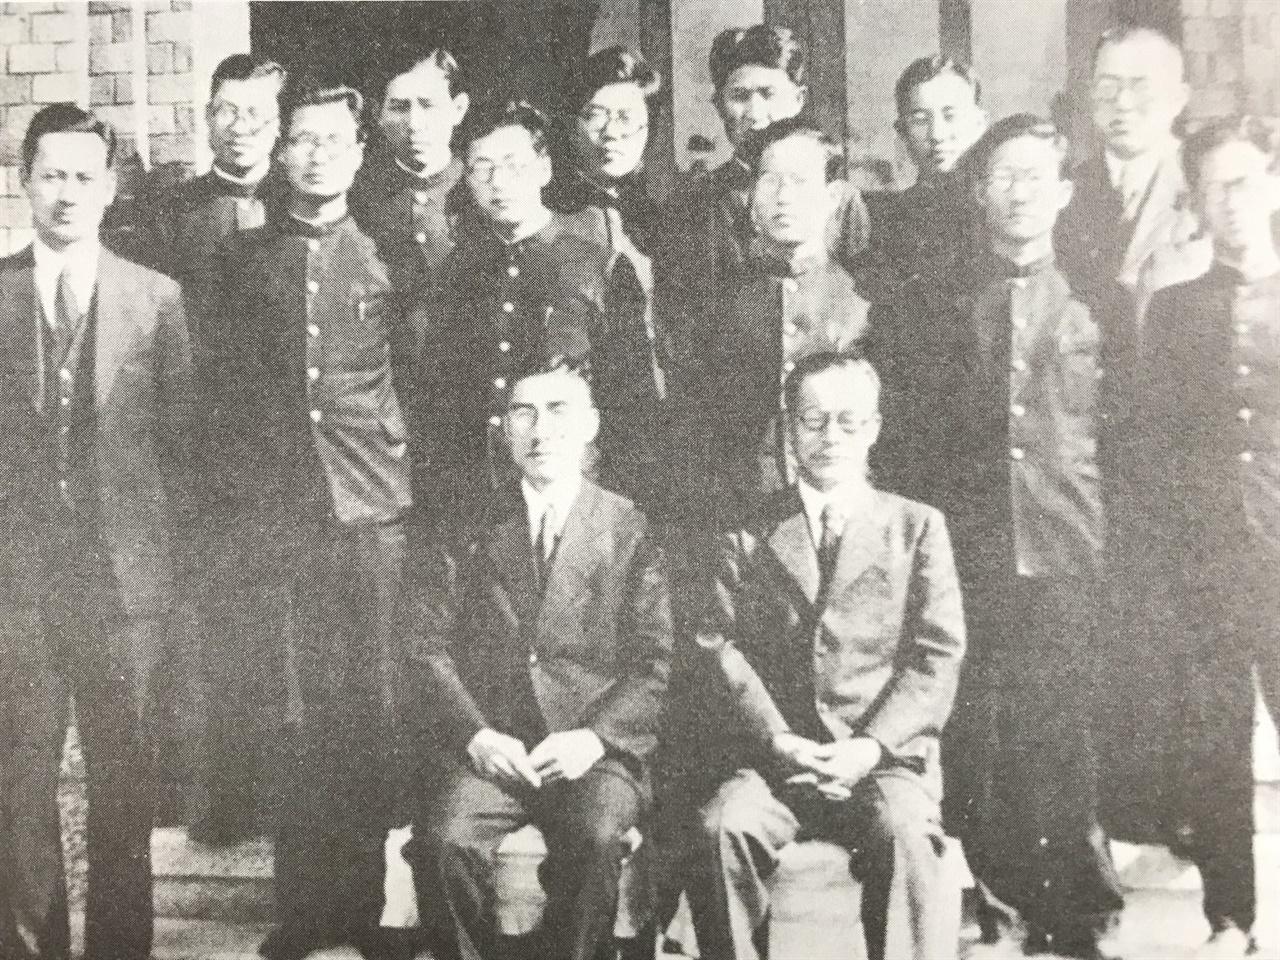 오구라 신페이는 다카하시 도루와 함께, 경성제국대학 조선어문학과 교수로 학생을 가르쳤다. 그의 문하에서 한국 국어학계와 도서관계를 이끌어가는 사람이 여럿 배출된다. 앞줄에 앉은 사람 중 왼쪽이 오구라 신페이다.